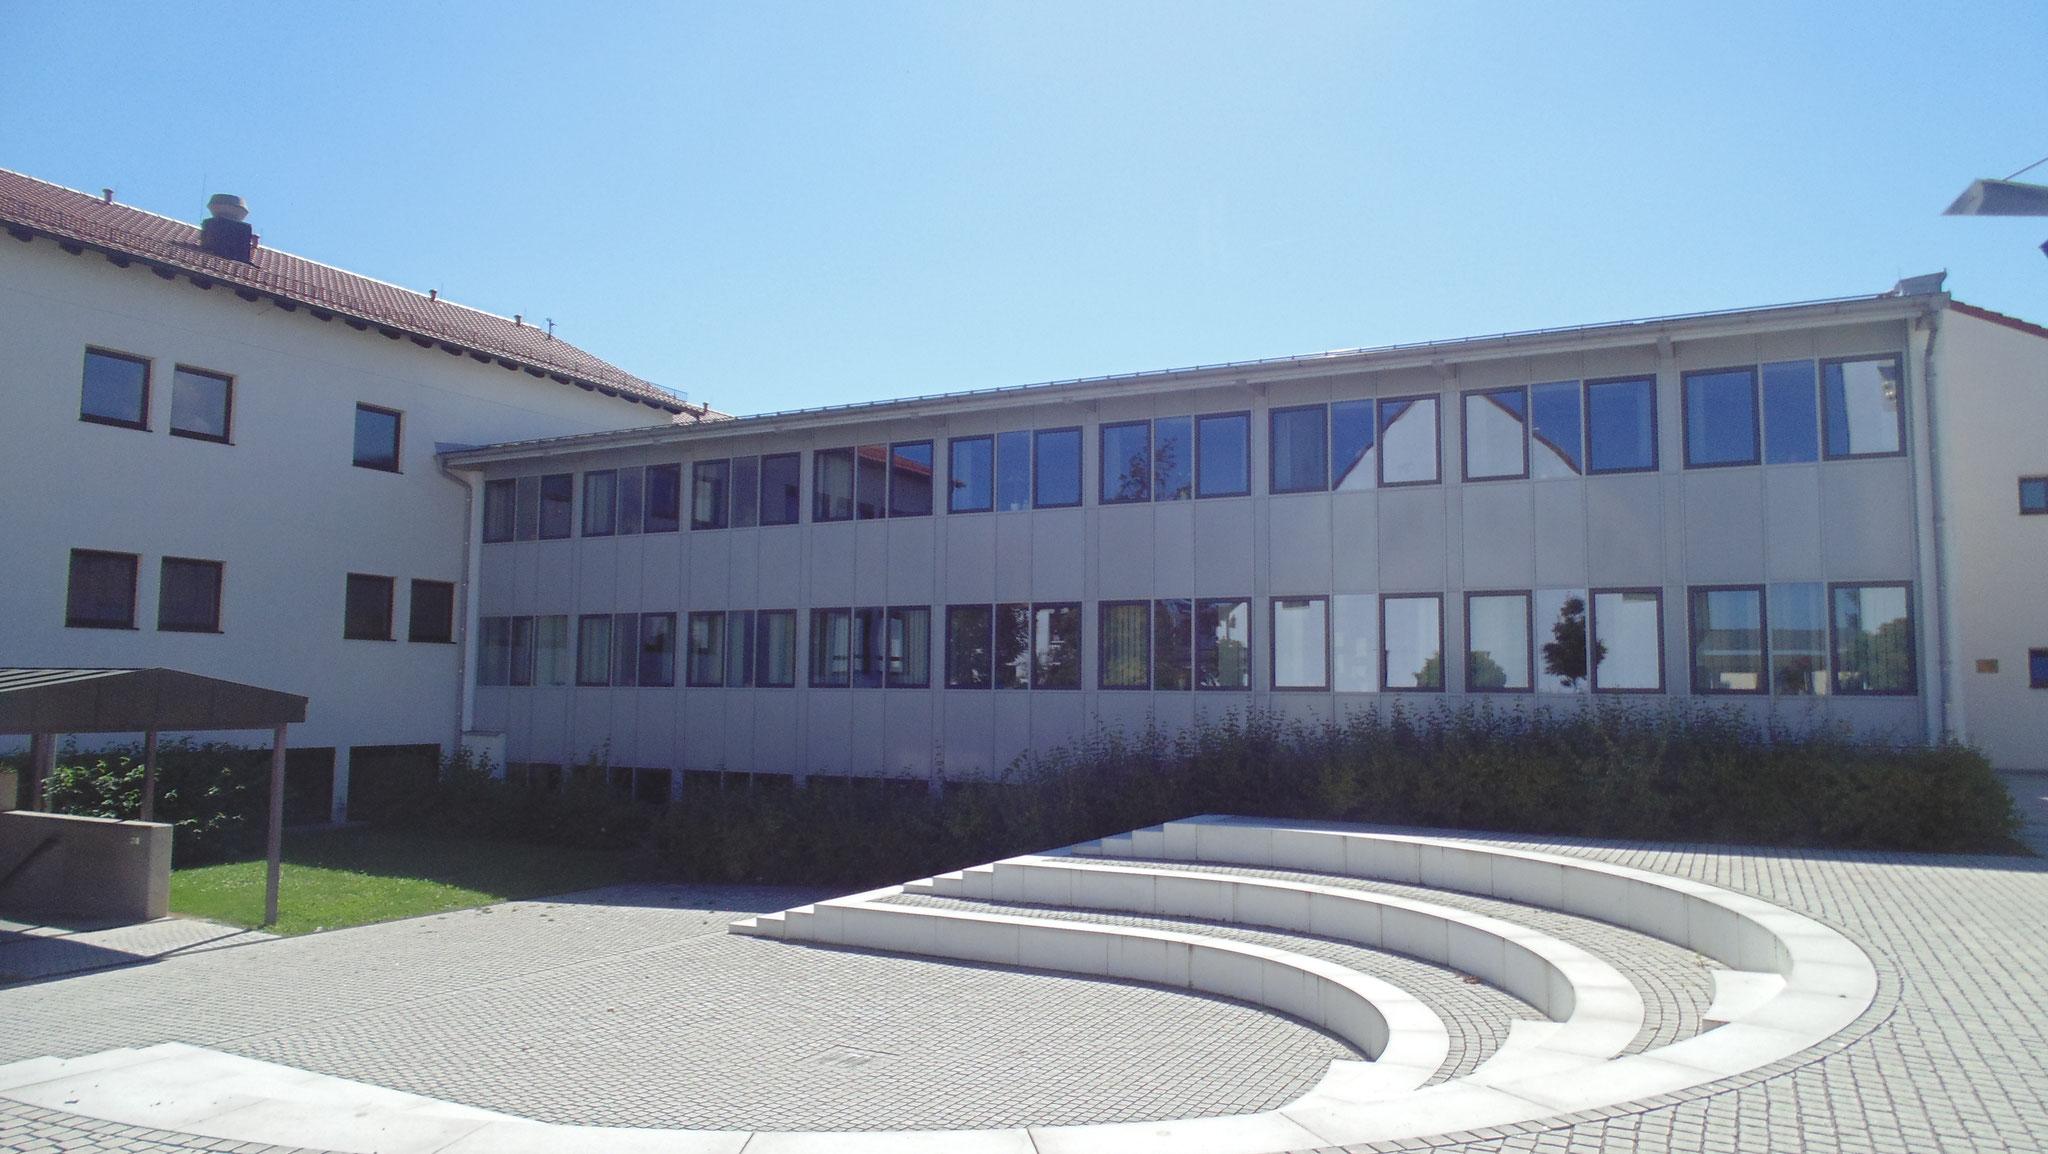 Umbau und Erweiterung Grund- und Hauptschule, Niederaichbach 1996